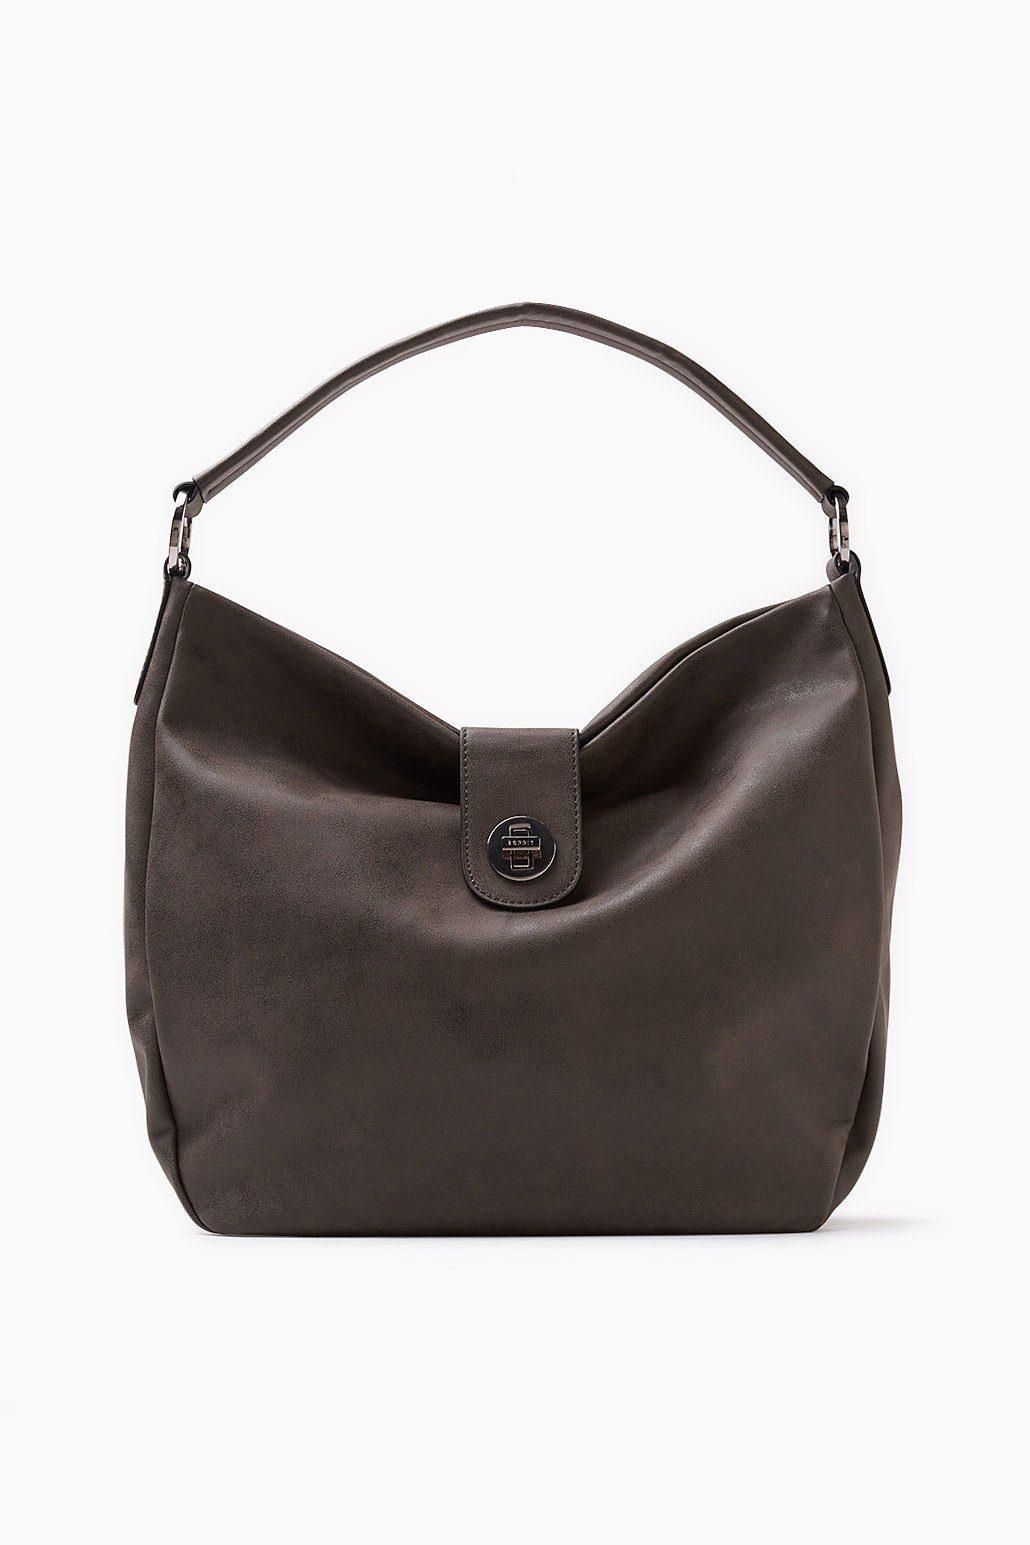 ESPRIT CASUAL Hobo Bag in gebrushter Lederoptik